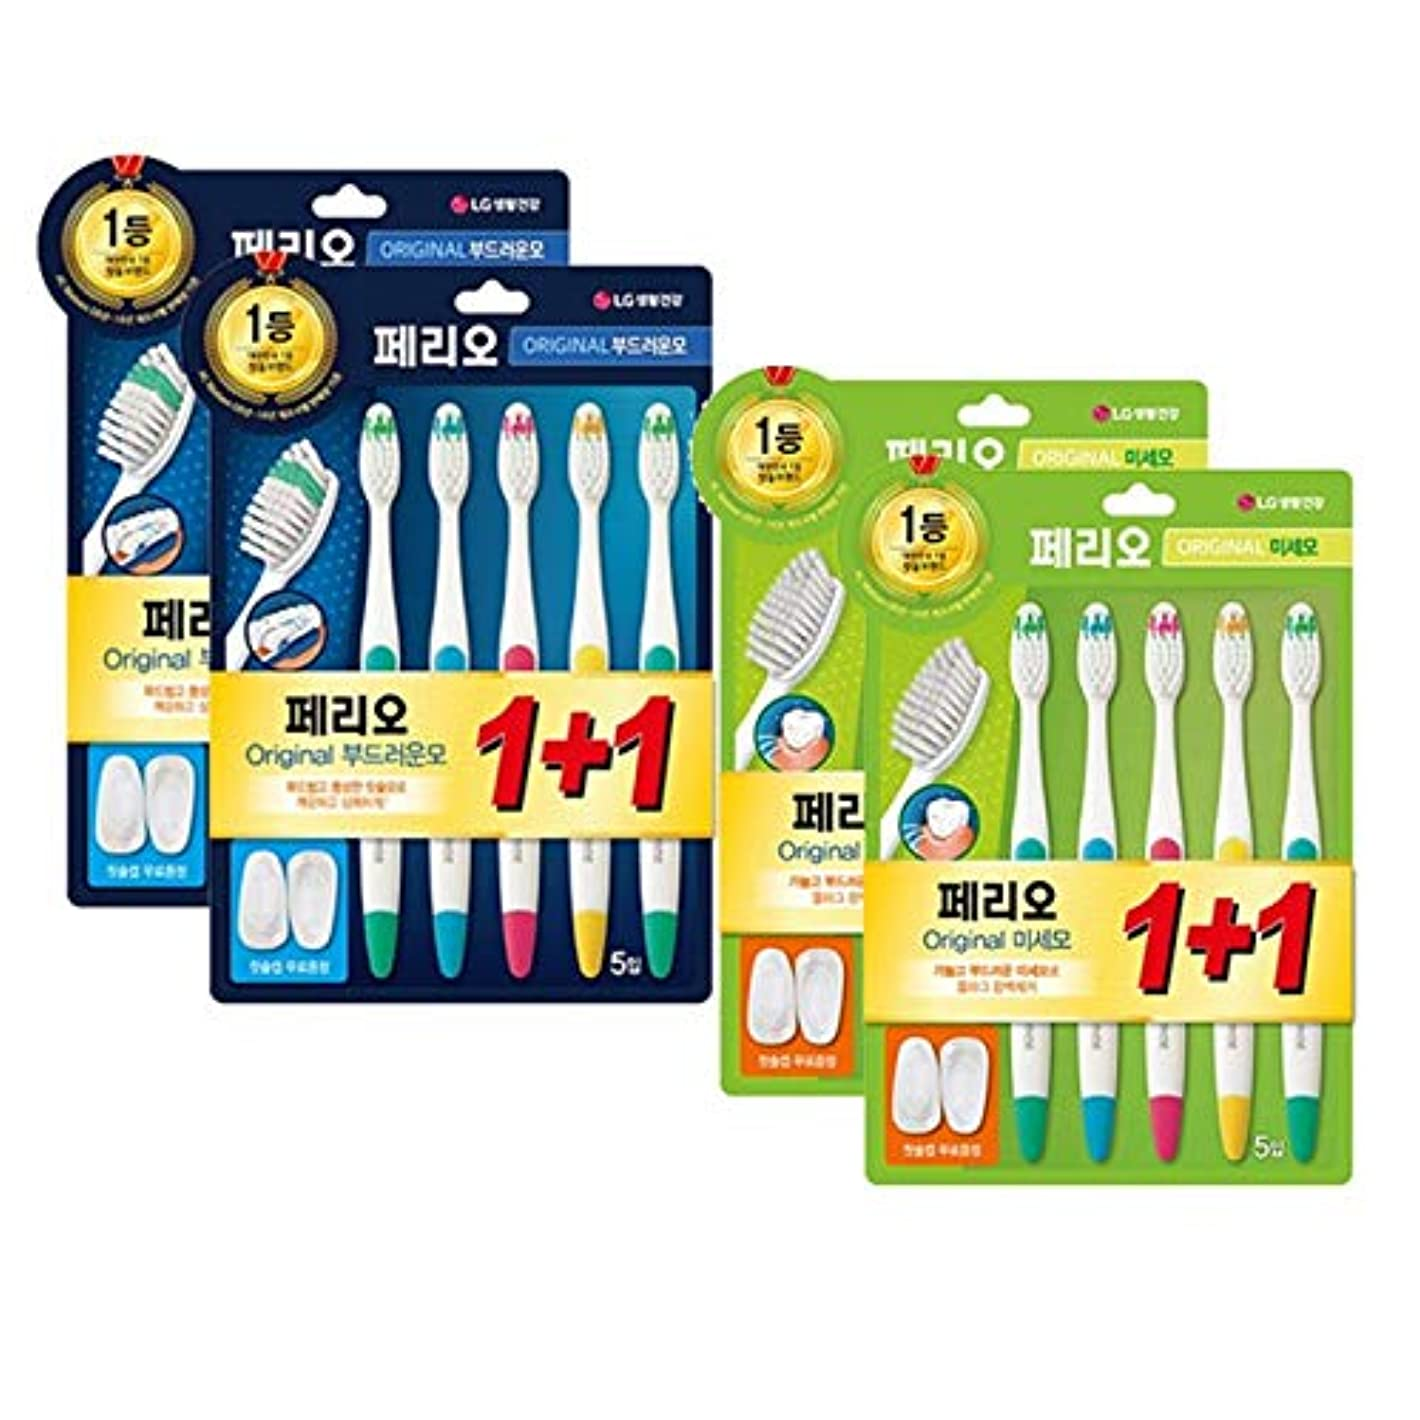 リーフレットジョージエリオットダンプ[LG HnB] Perio original toothbrush/ペリオオリジナル歯ブラシ 5口x4個(海外直送品)